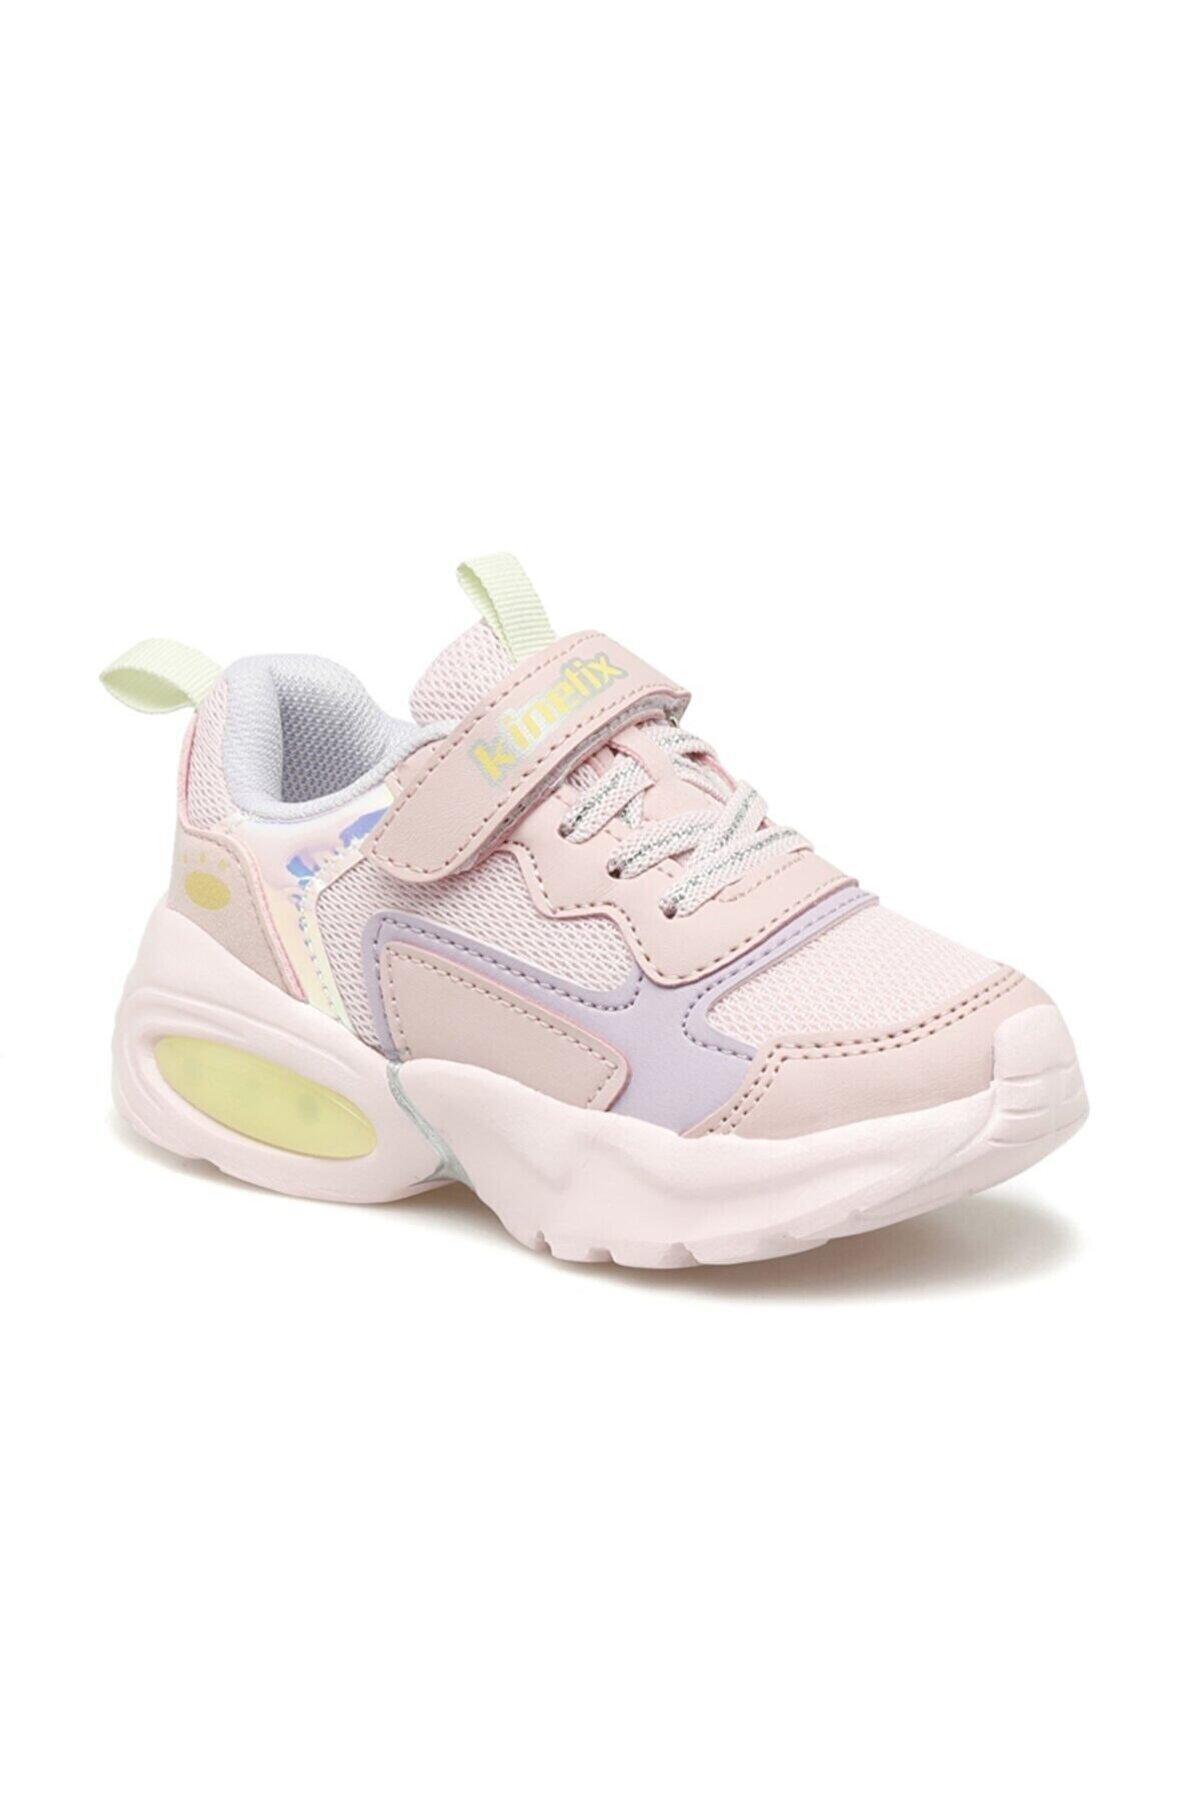 Kinetix FORBIS 1FX Pembe Kız Çocuk Yürüyüş Ayakkabısı 100584850